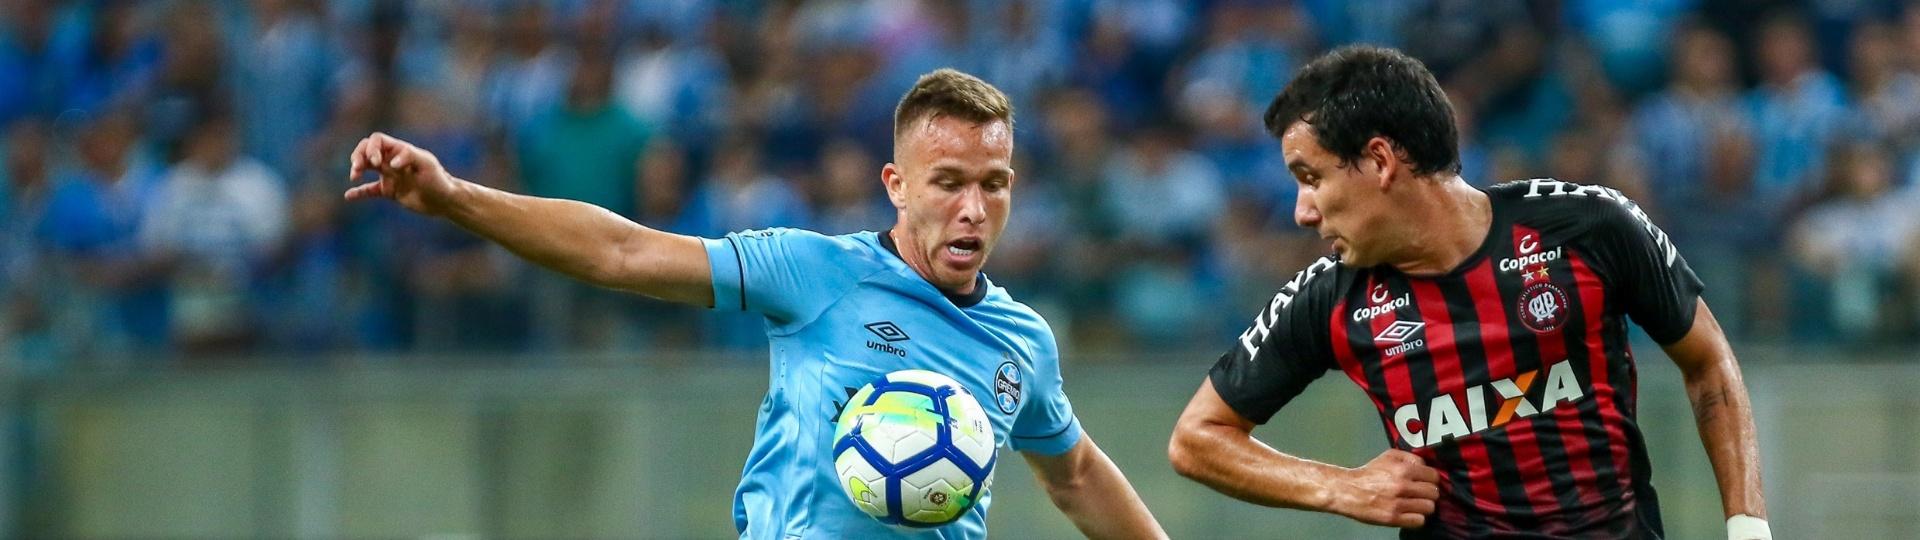 Arthur, do Grêmio, disputa bola com Pablo em jogo contra o Atlético-PR